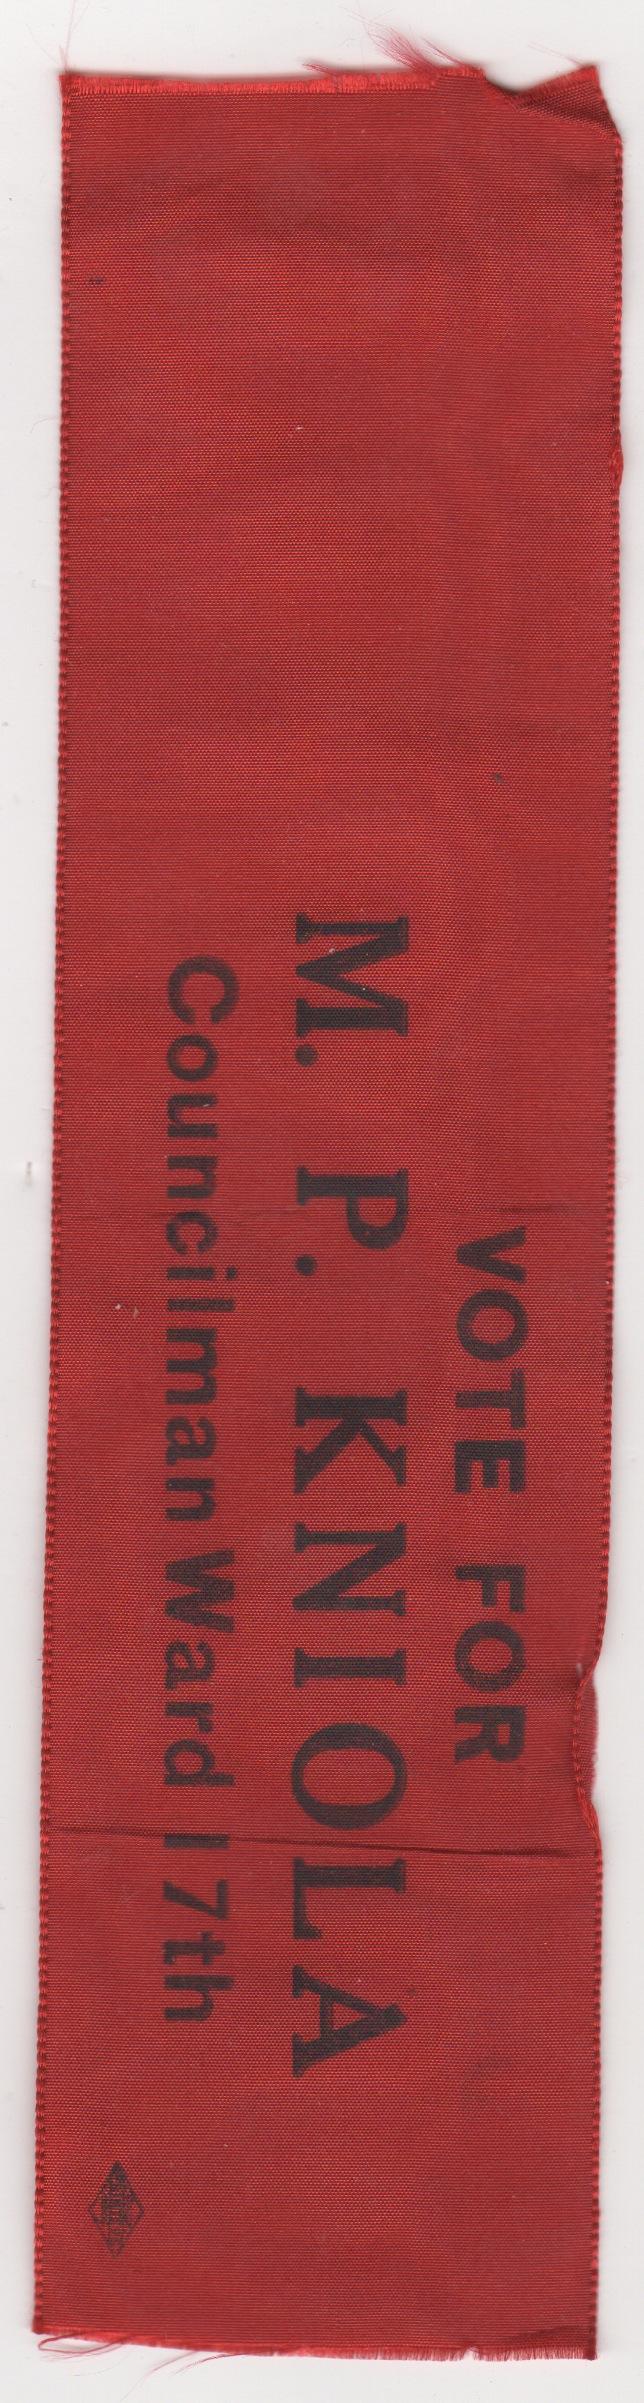 OHCouncil-KNIOLA02 (1909).jpeg